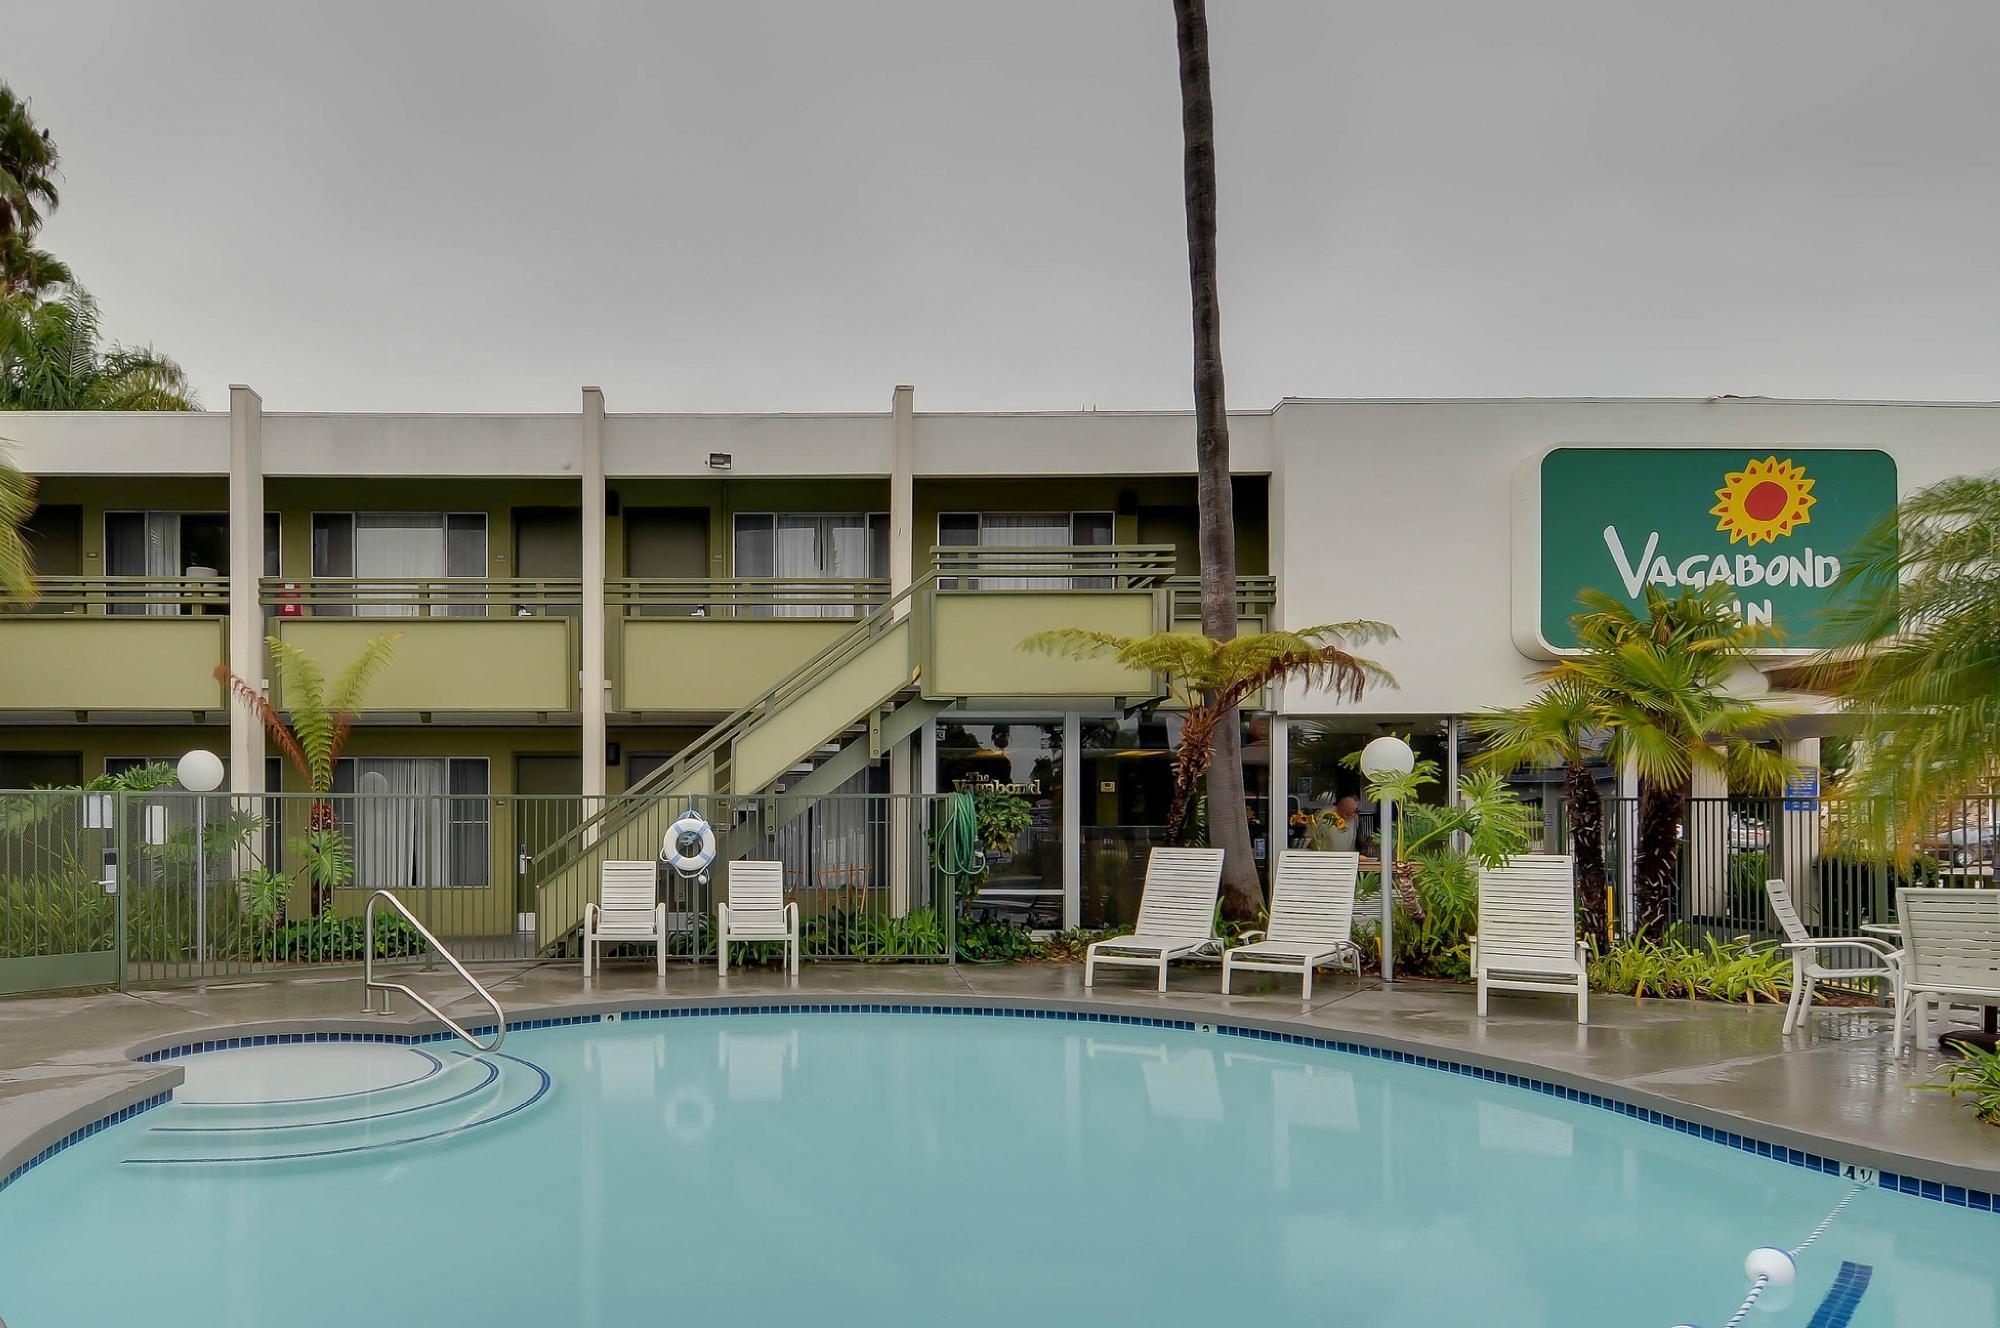 Vagabond Inn - San Diego Airport Marina